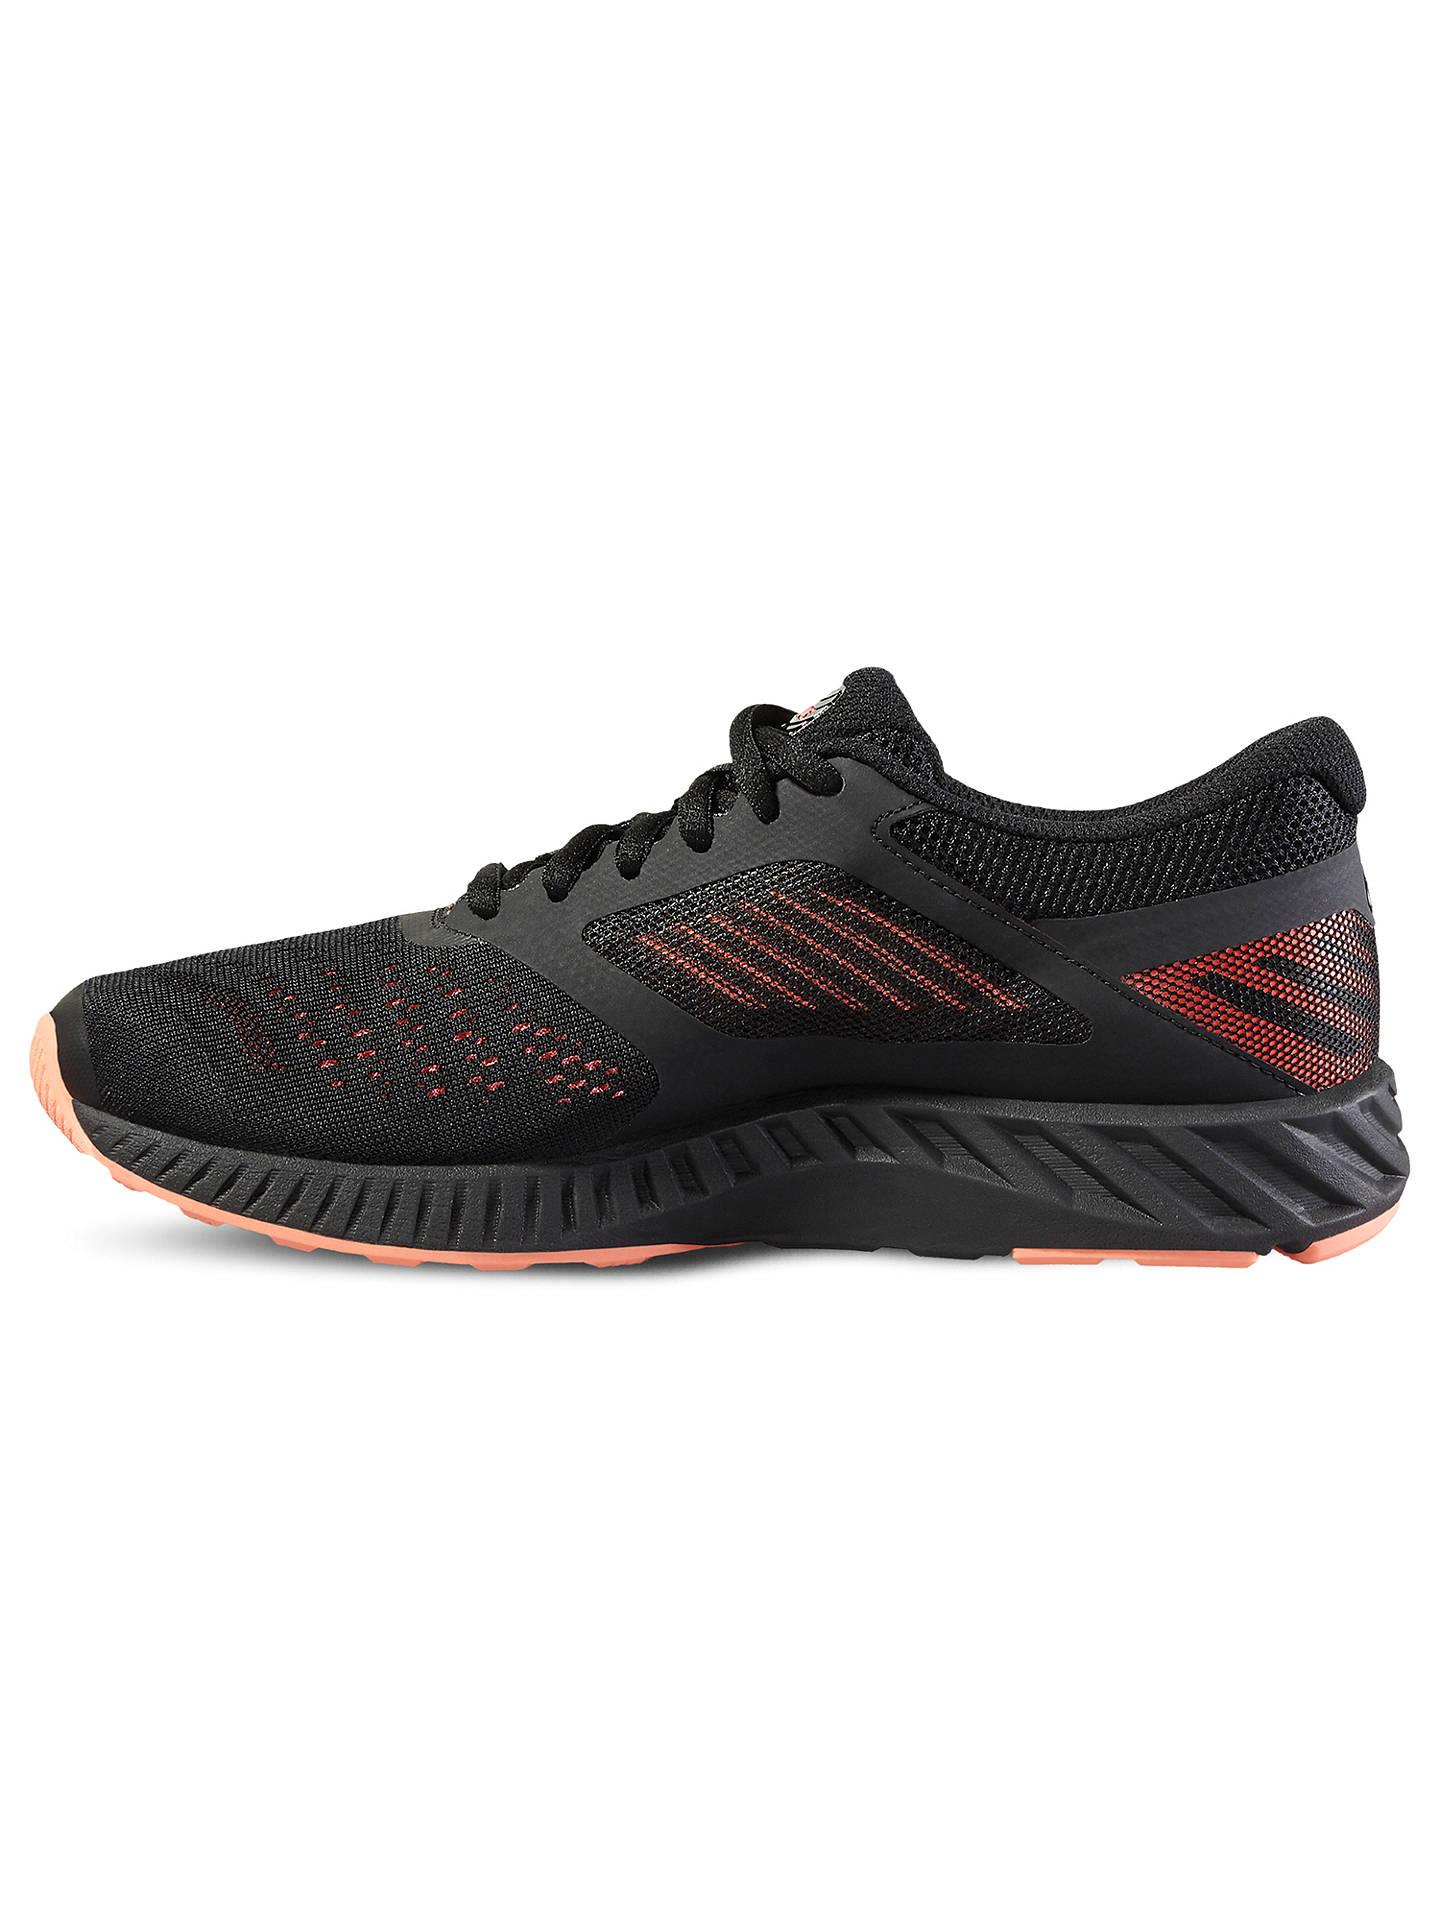 e5d050297448 ... Buy Asics Fuze X Lyte Women s Neutral Running Shoes